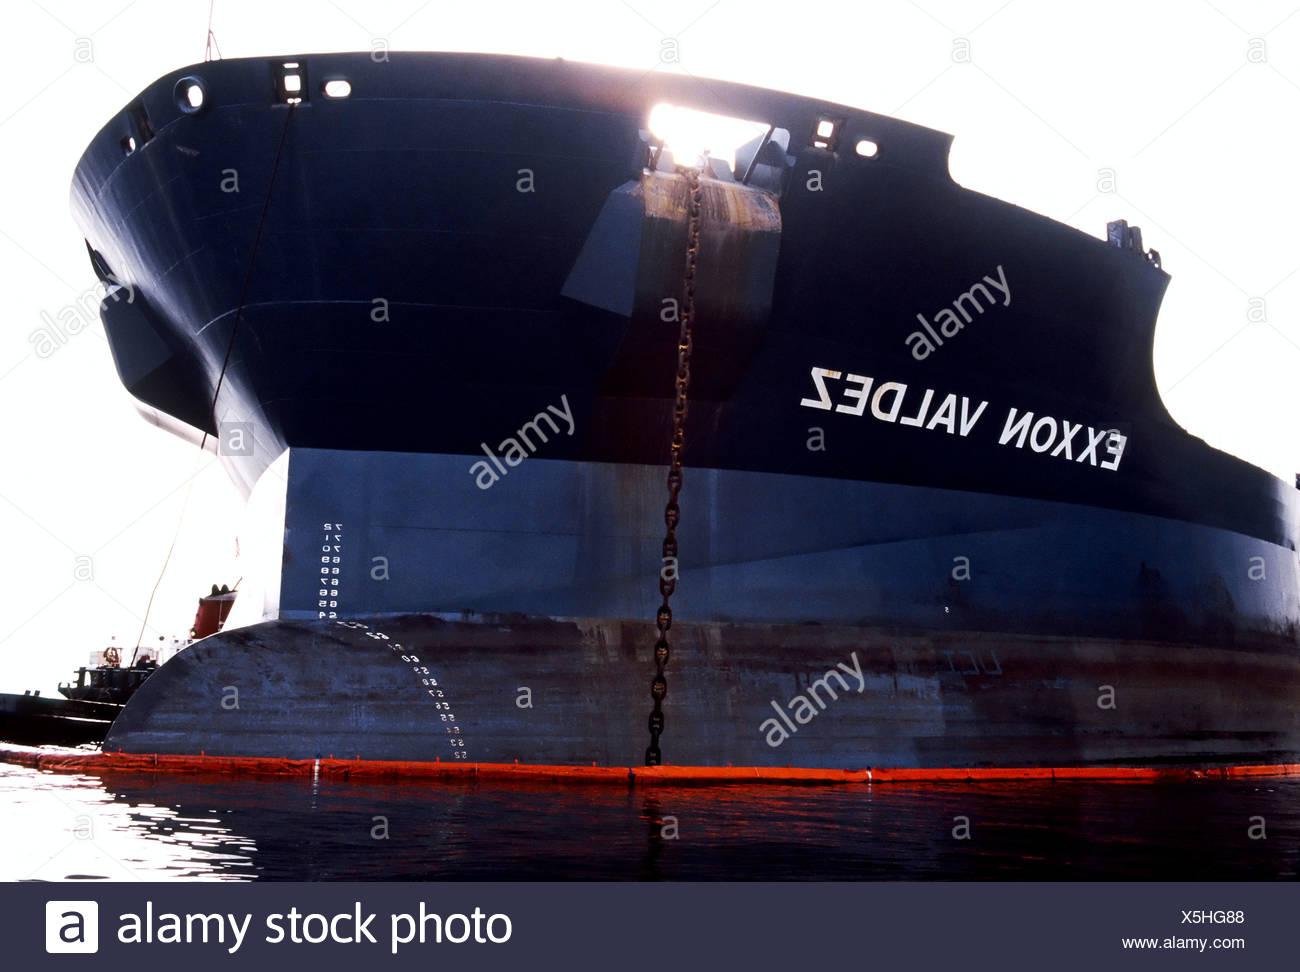 Oil tanker operation manual exxonmobil credit